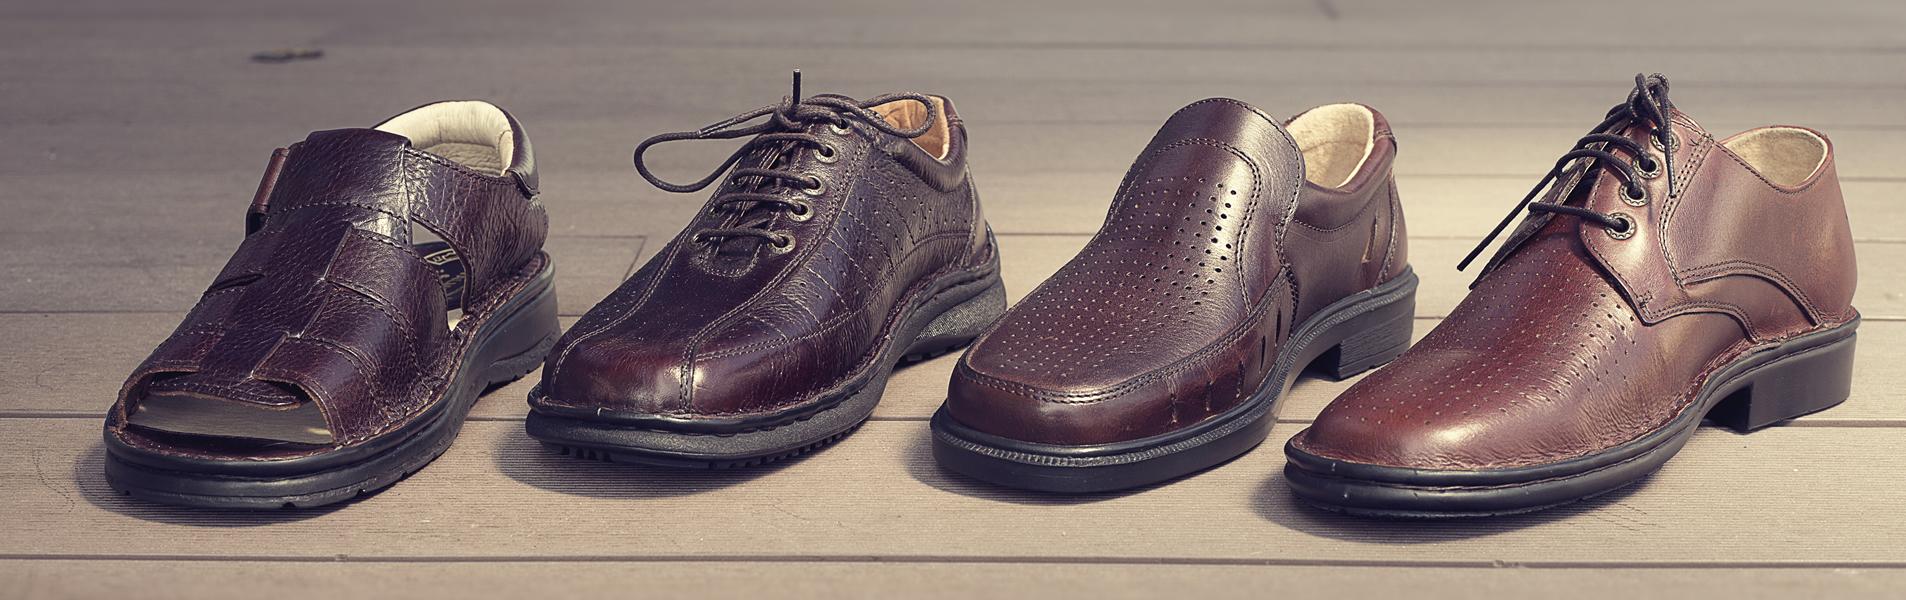 Chaussure Valmonte Confort chaussure Valmonte Confort Chaussure Confort chaussure WT1qvv